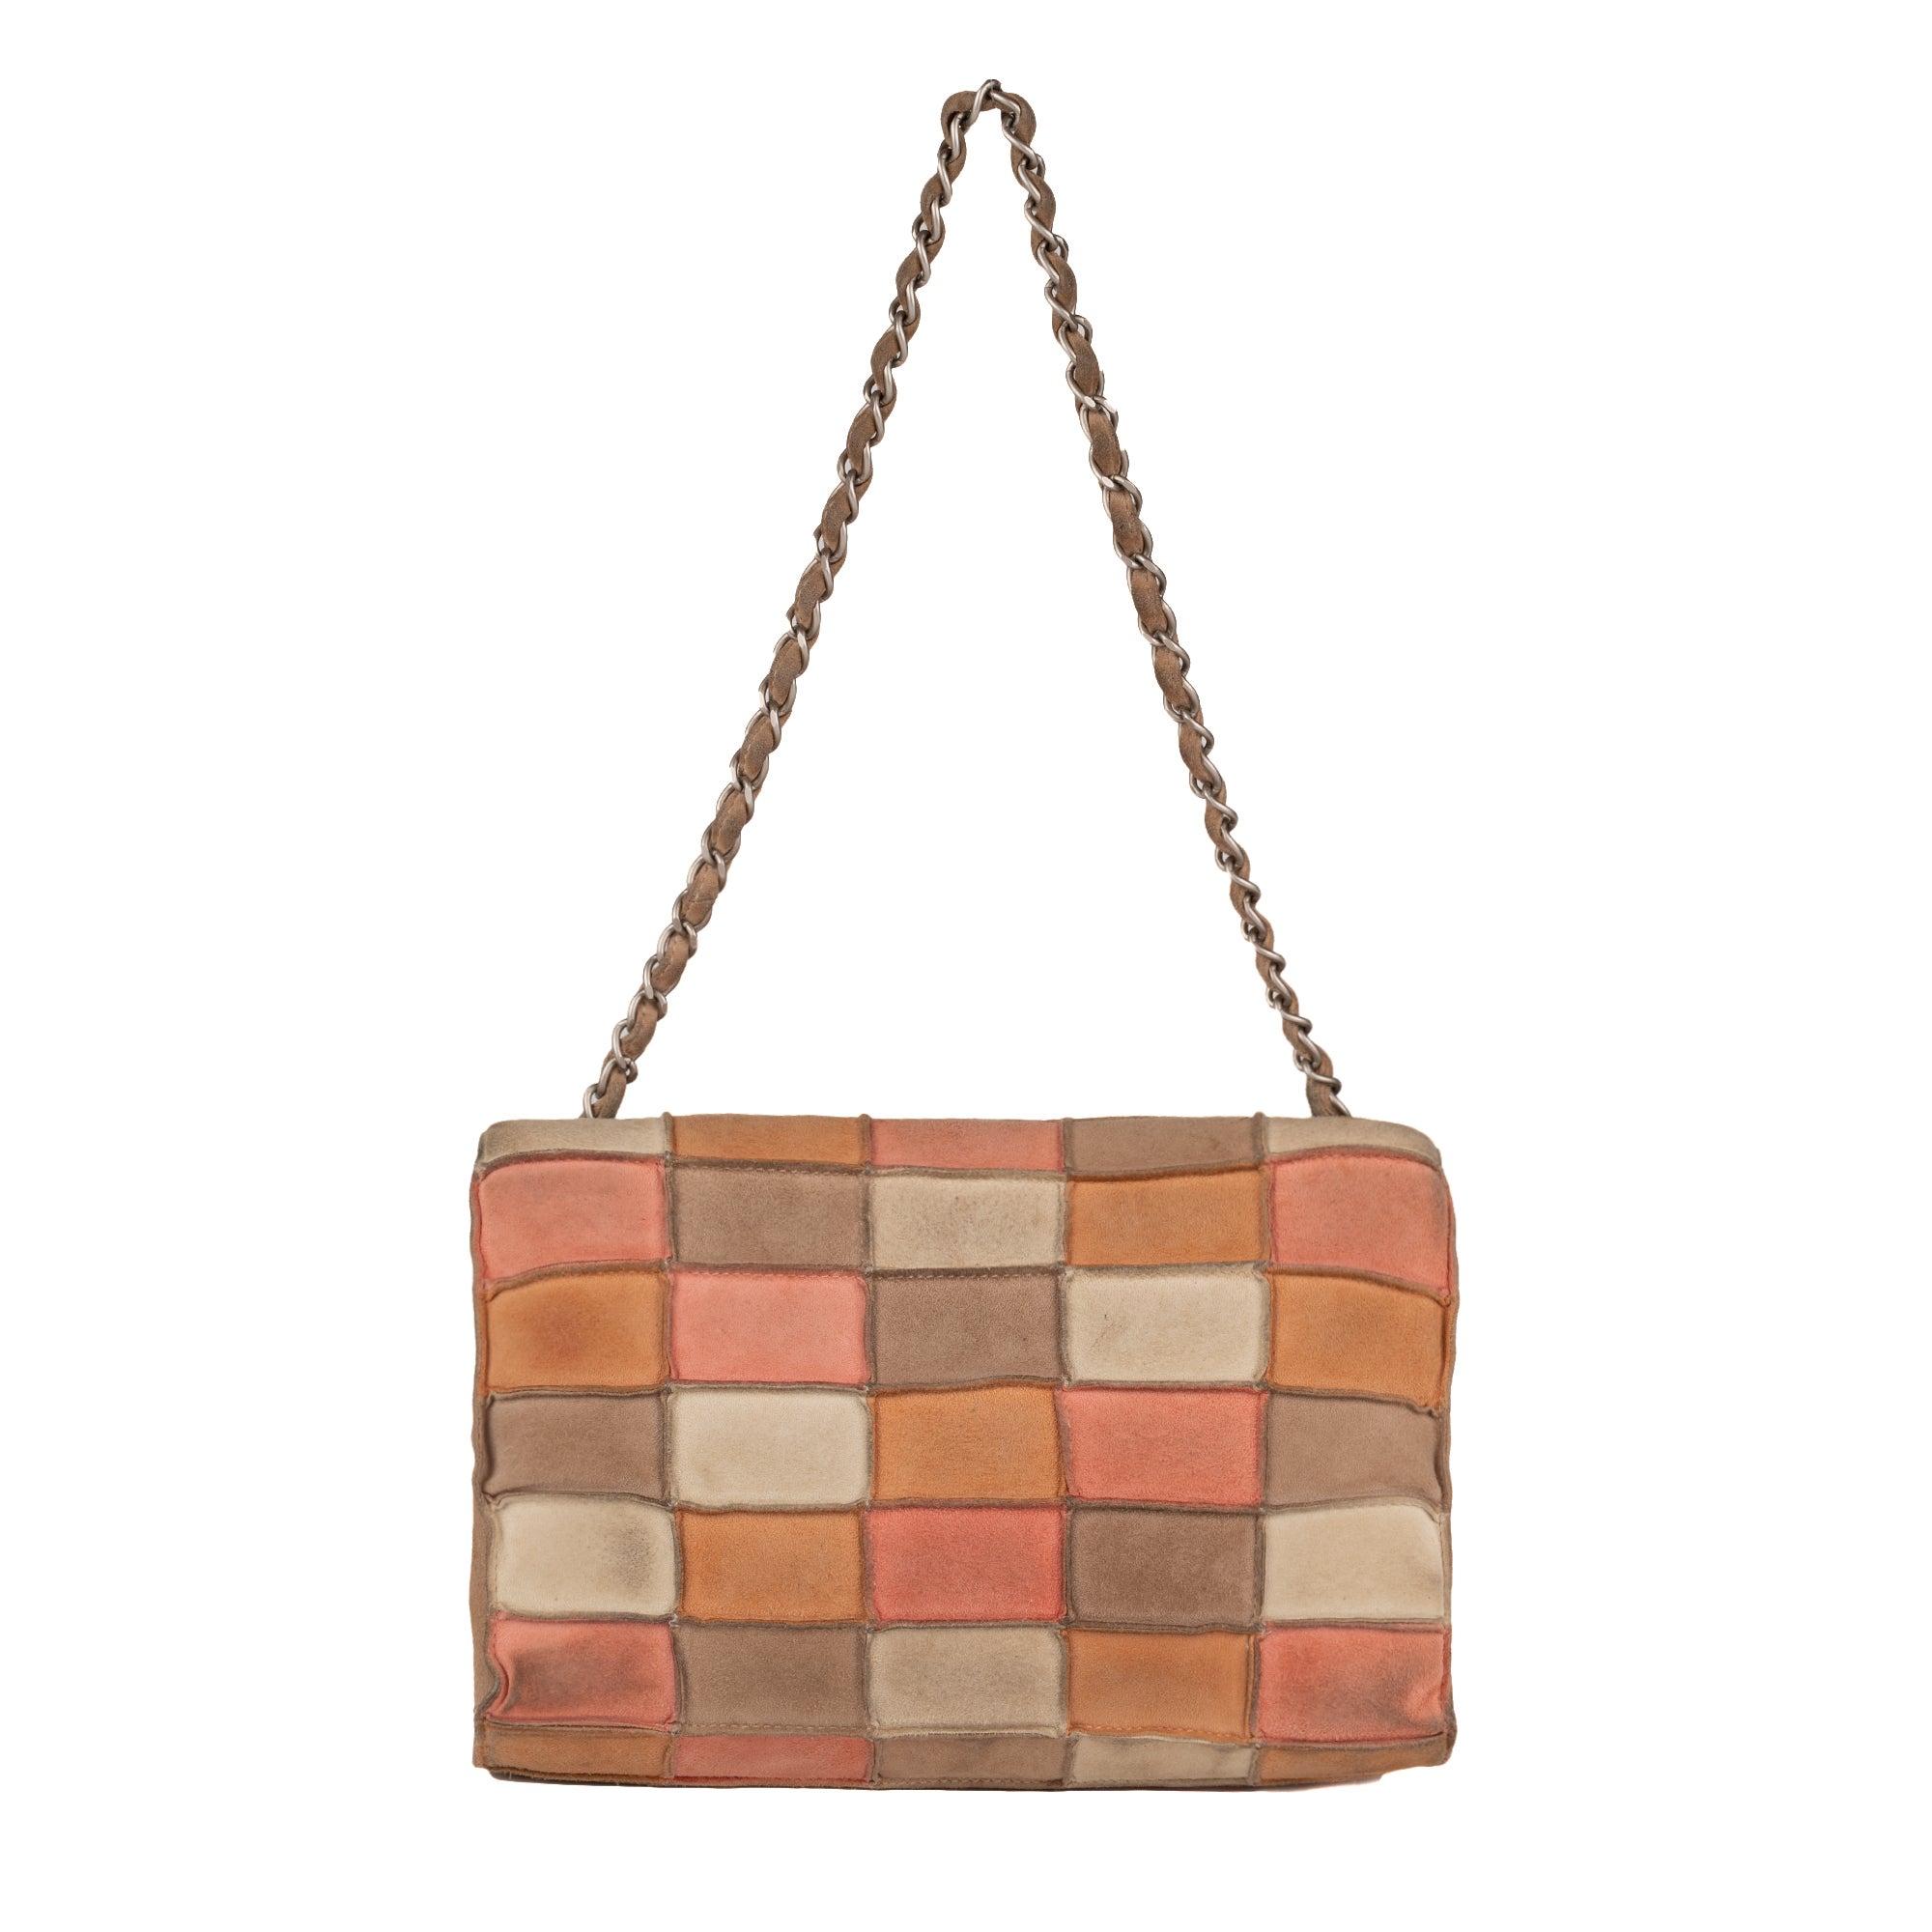 ce9c94140f91 Chanel Multicoler Shoulder bag For Sale at 1stdibs